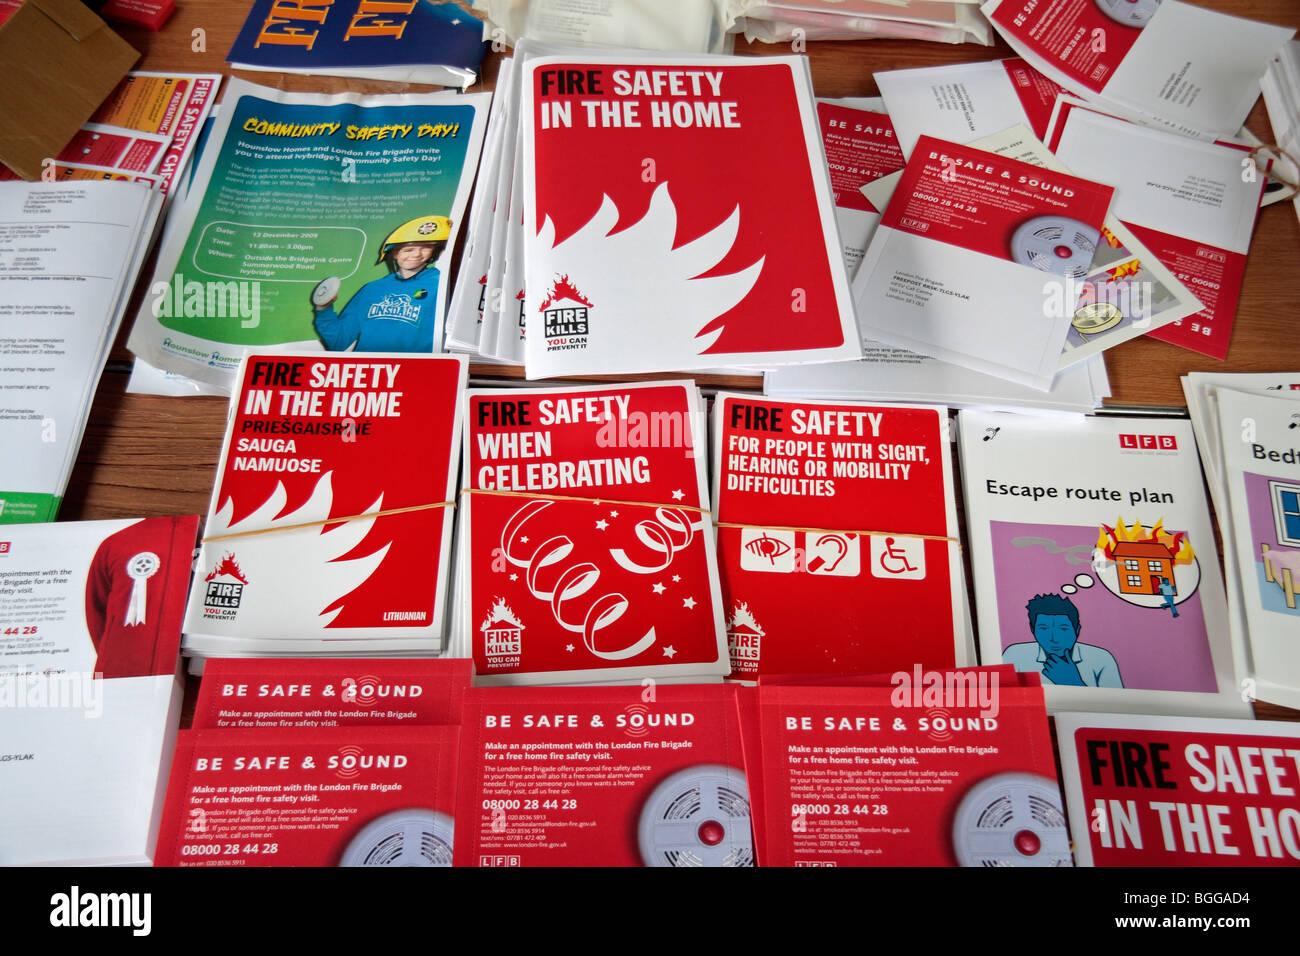 Una tabella di sicurezza in caso di incendio di volantini su display a Londra Vigili del Fuoco fire safety giornata Immagini Stock